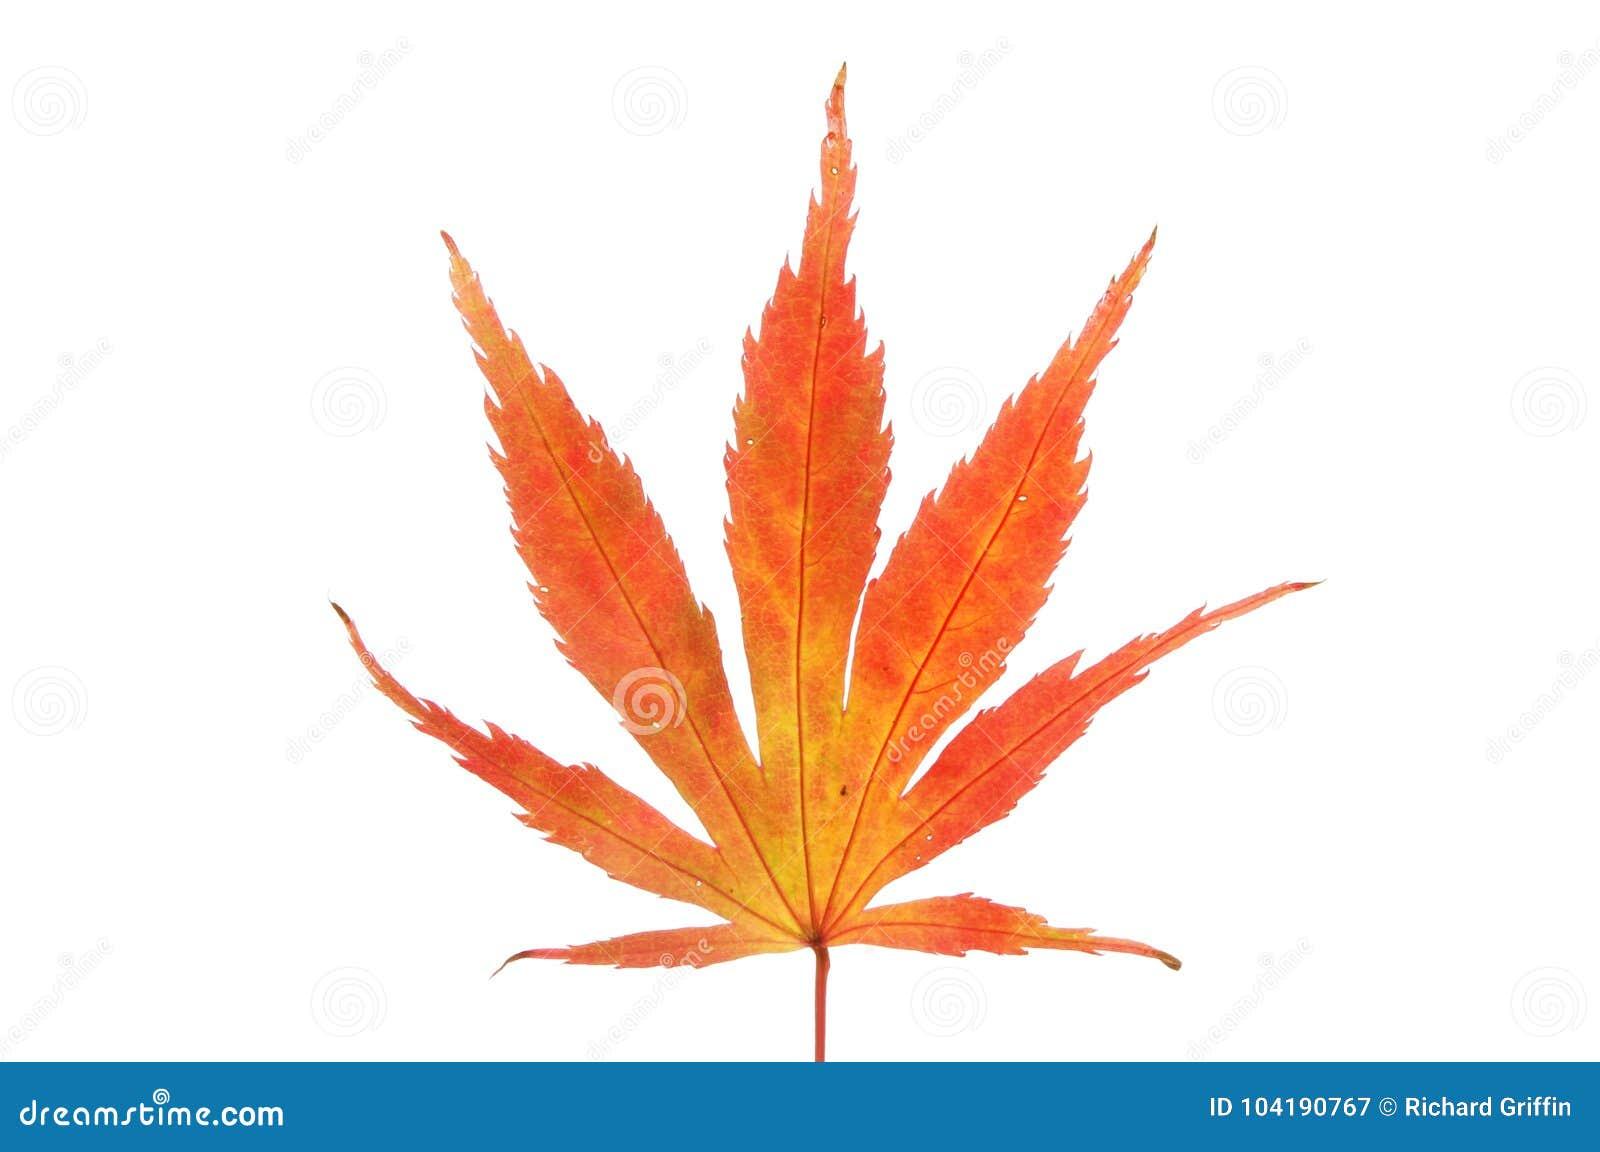 Autumnal acer leaf